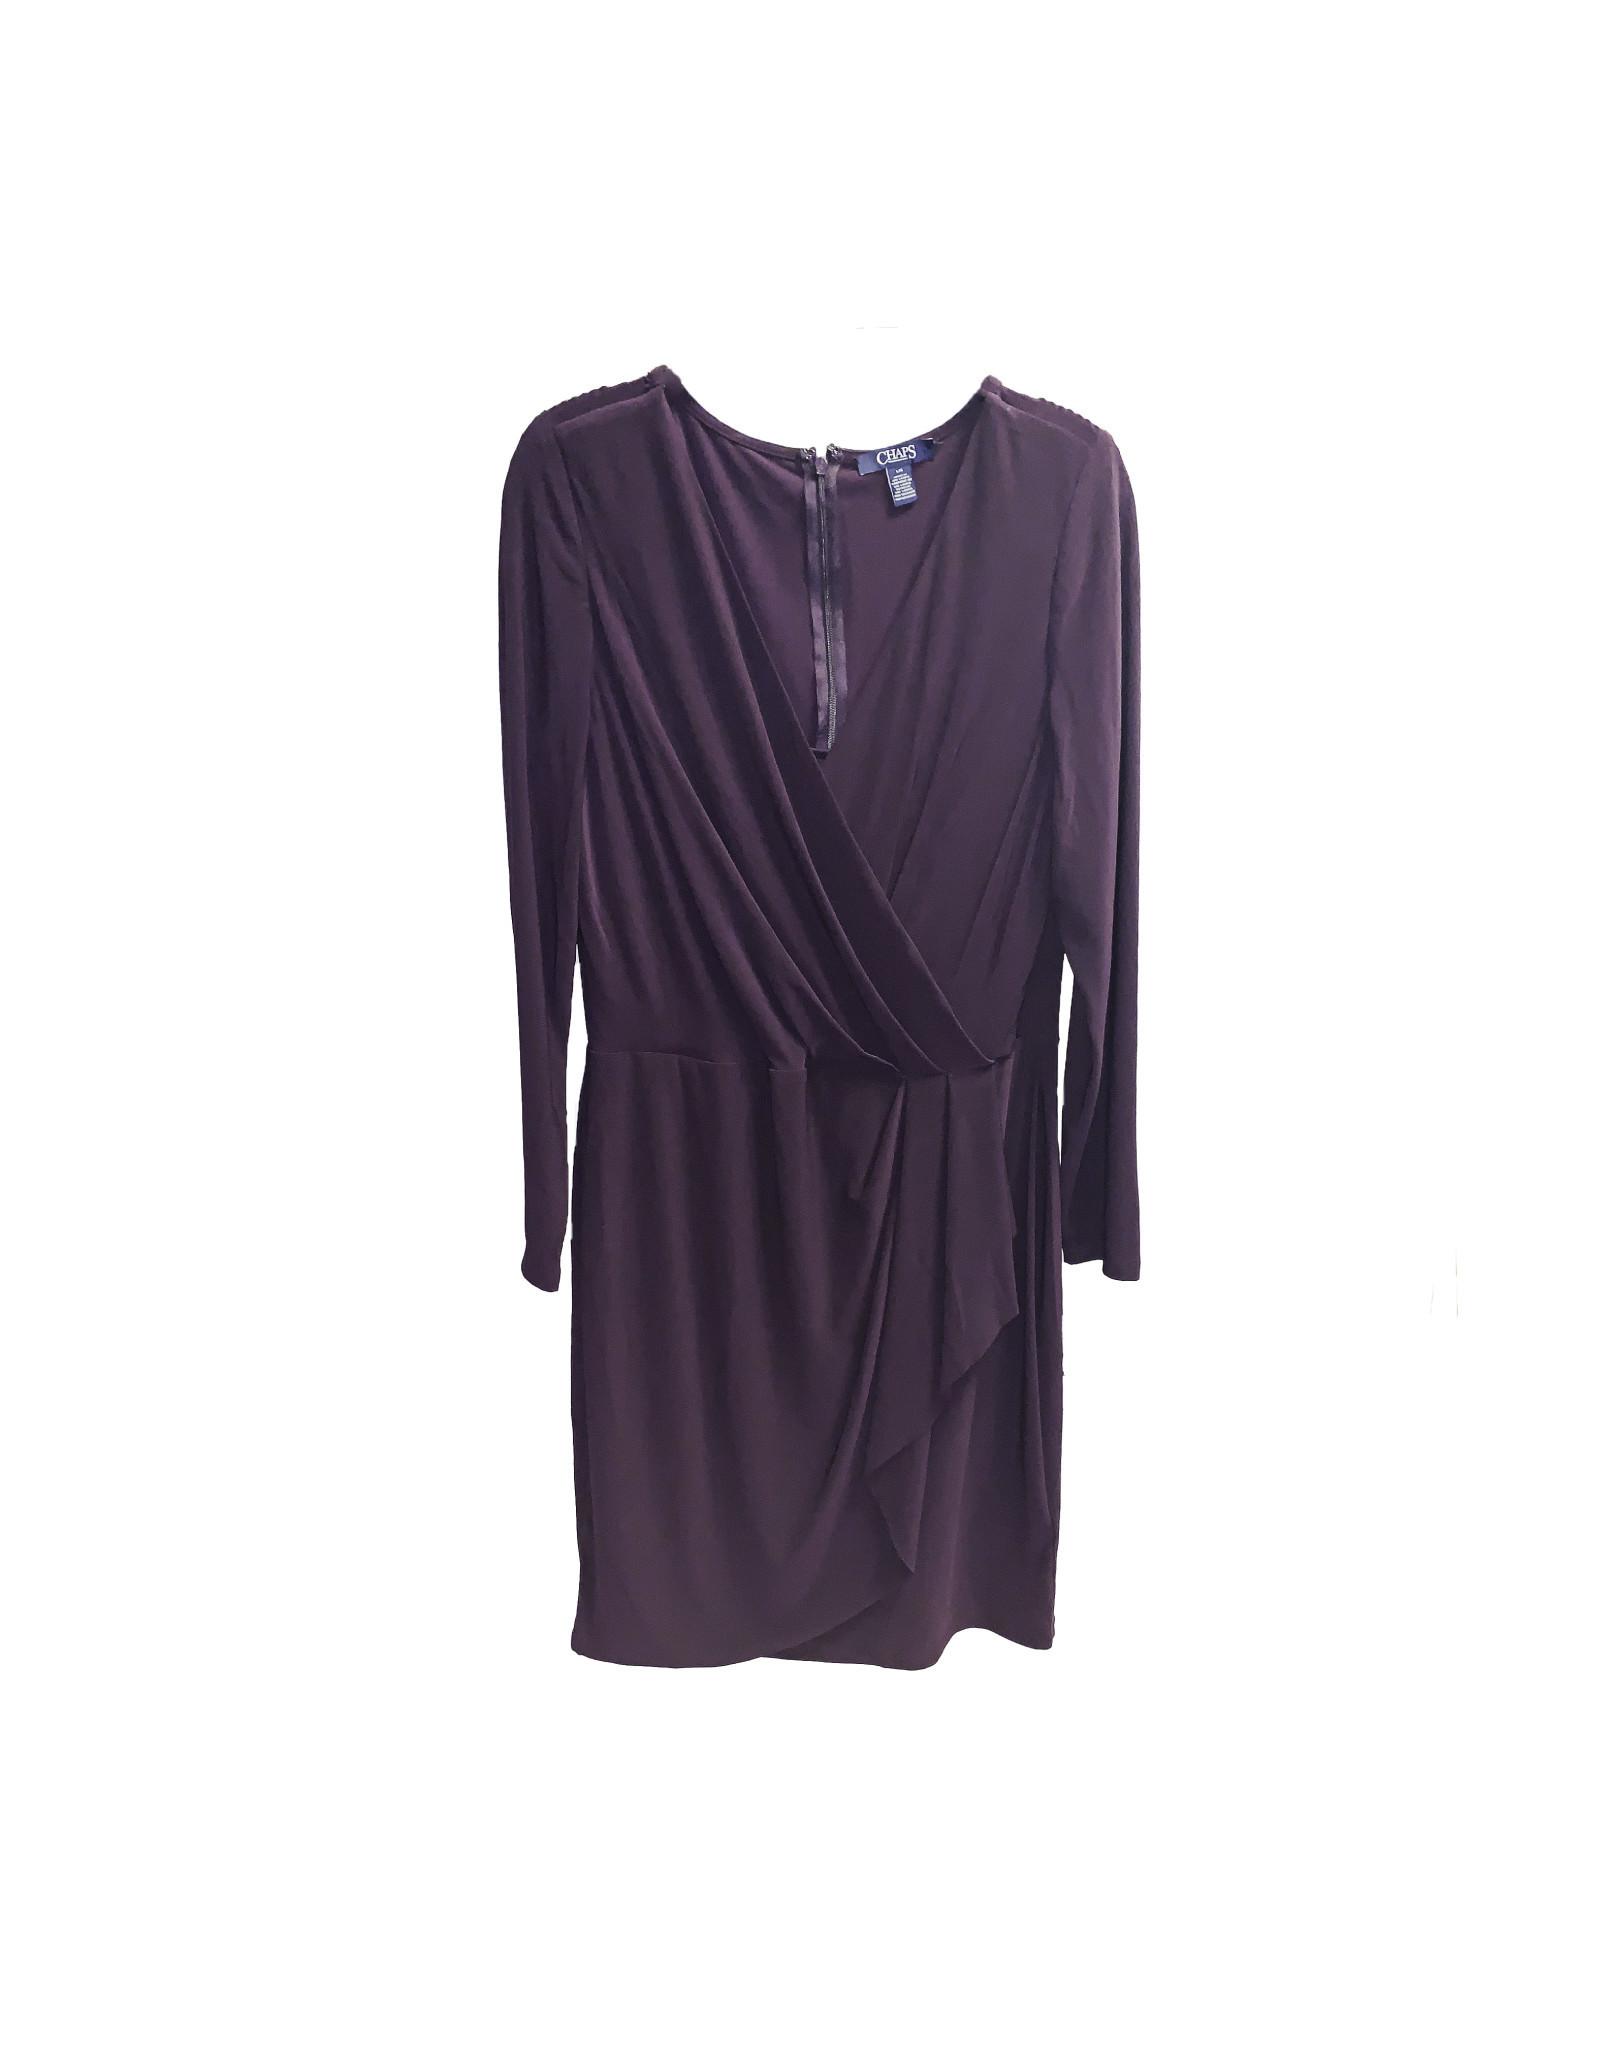 Chaps Purple Dresses size L